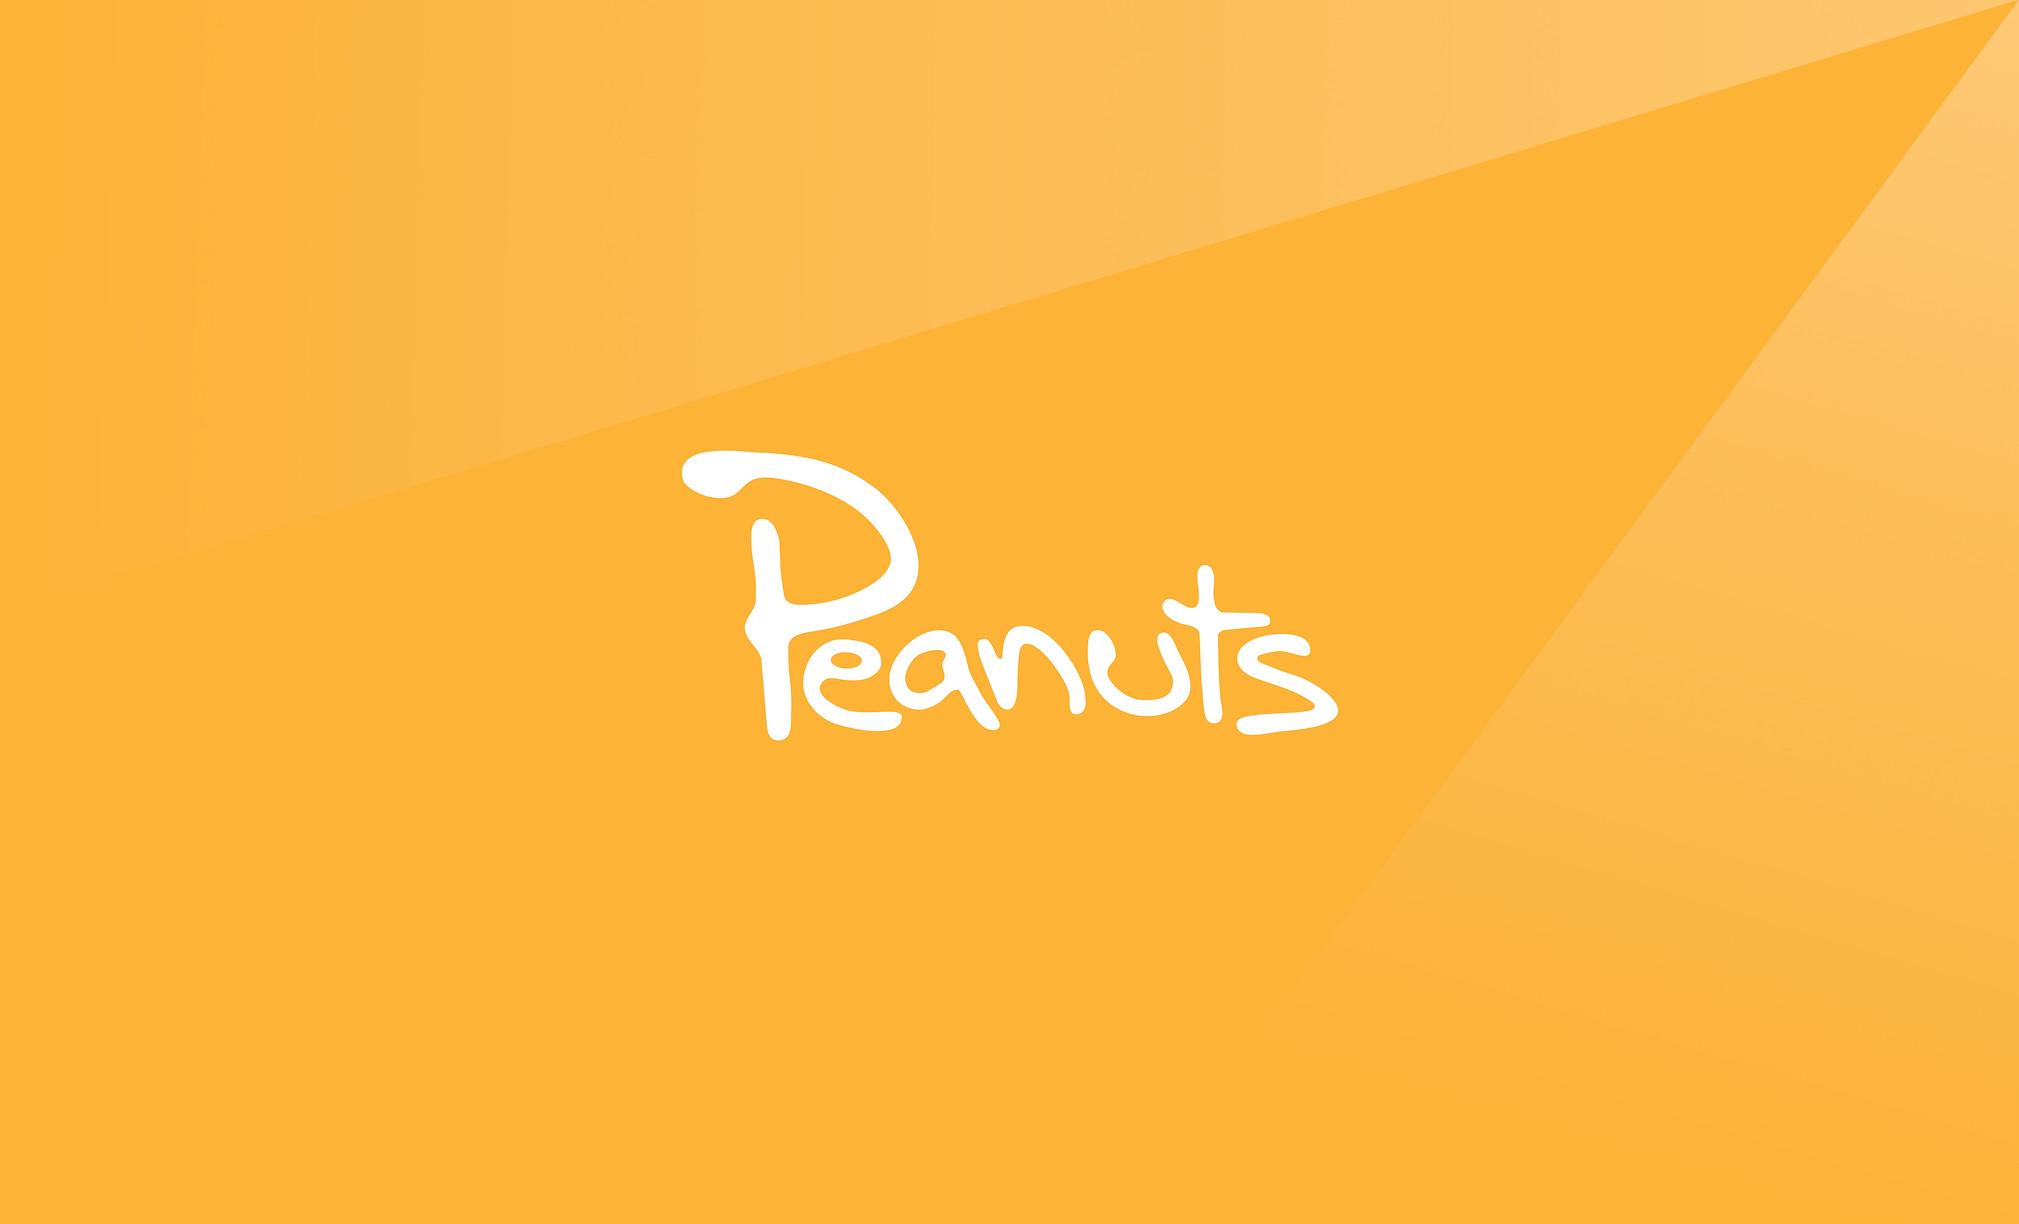 Peanuts-1.jpg